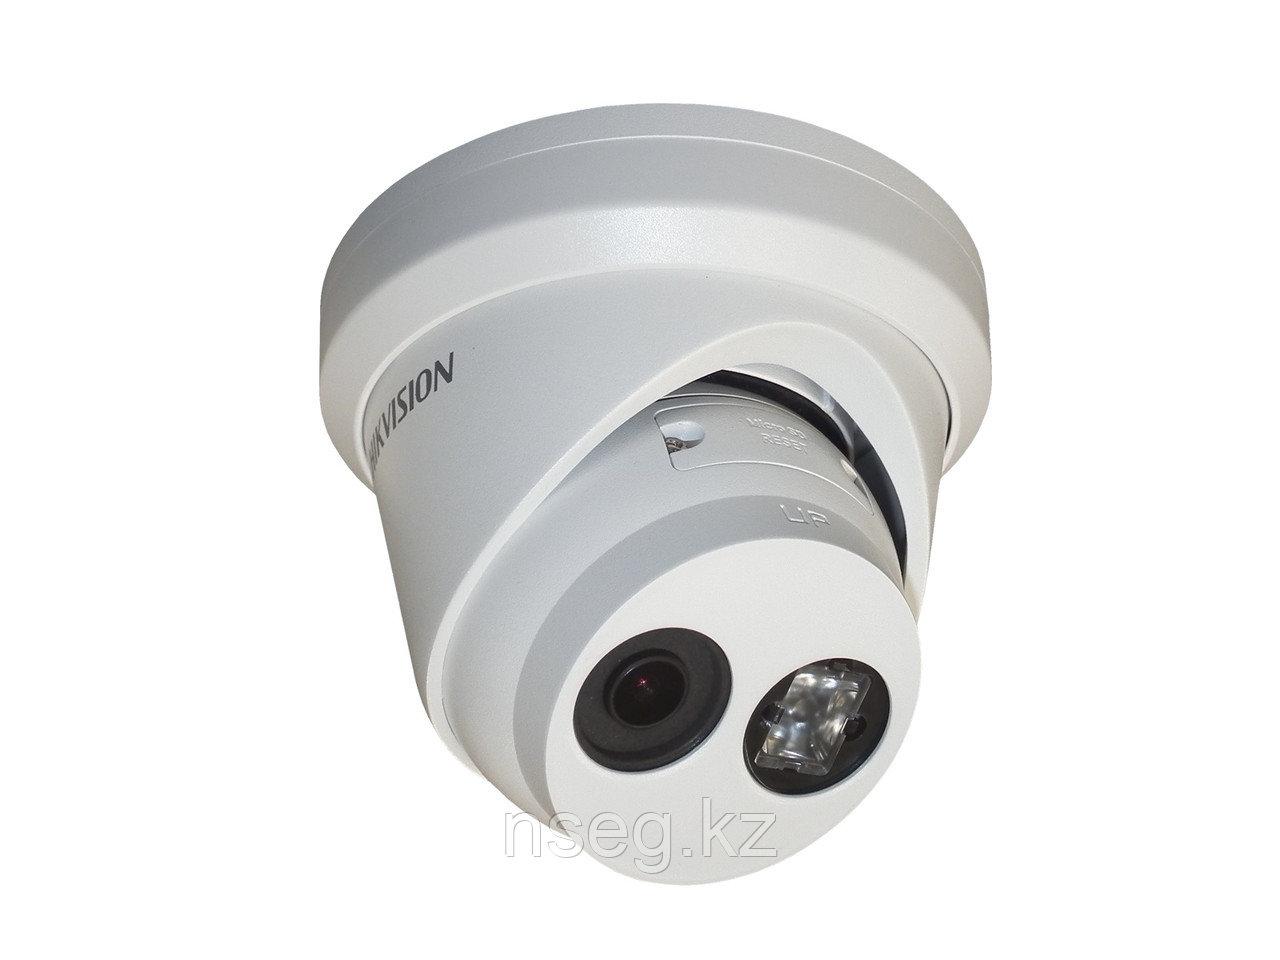 HIKVISION DS-2CD2385FWD-I купольная IP камера с ИК-подсветкой до 30м.